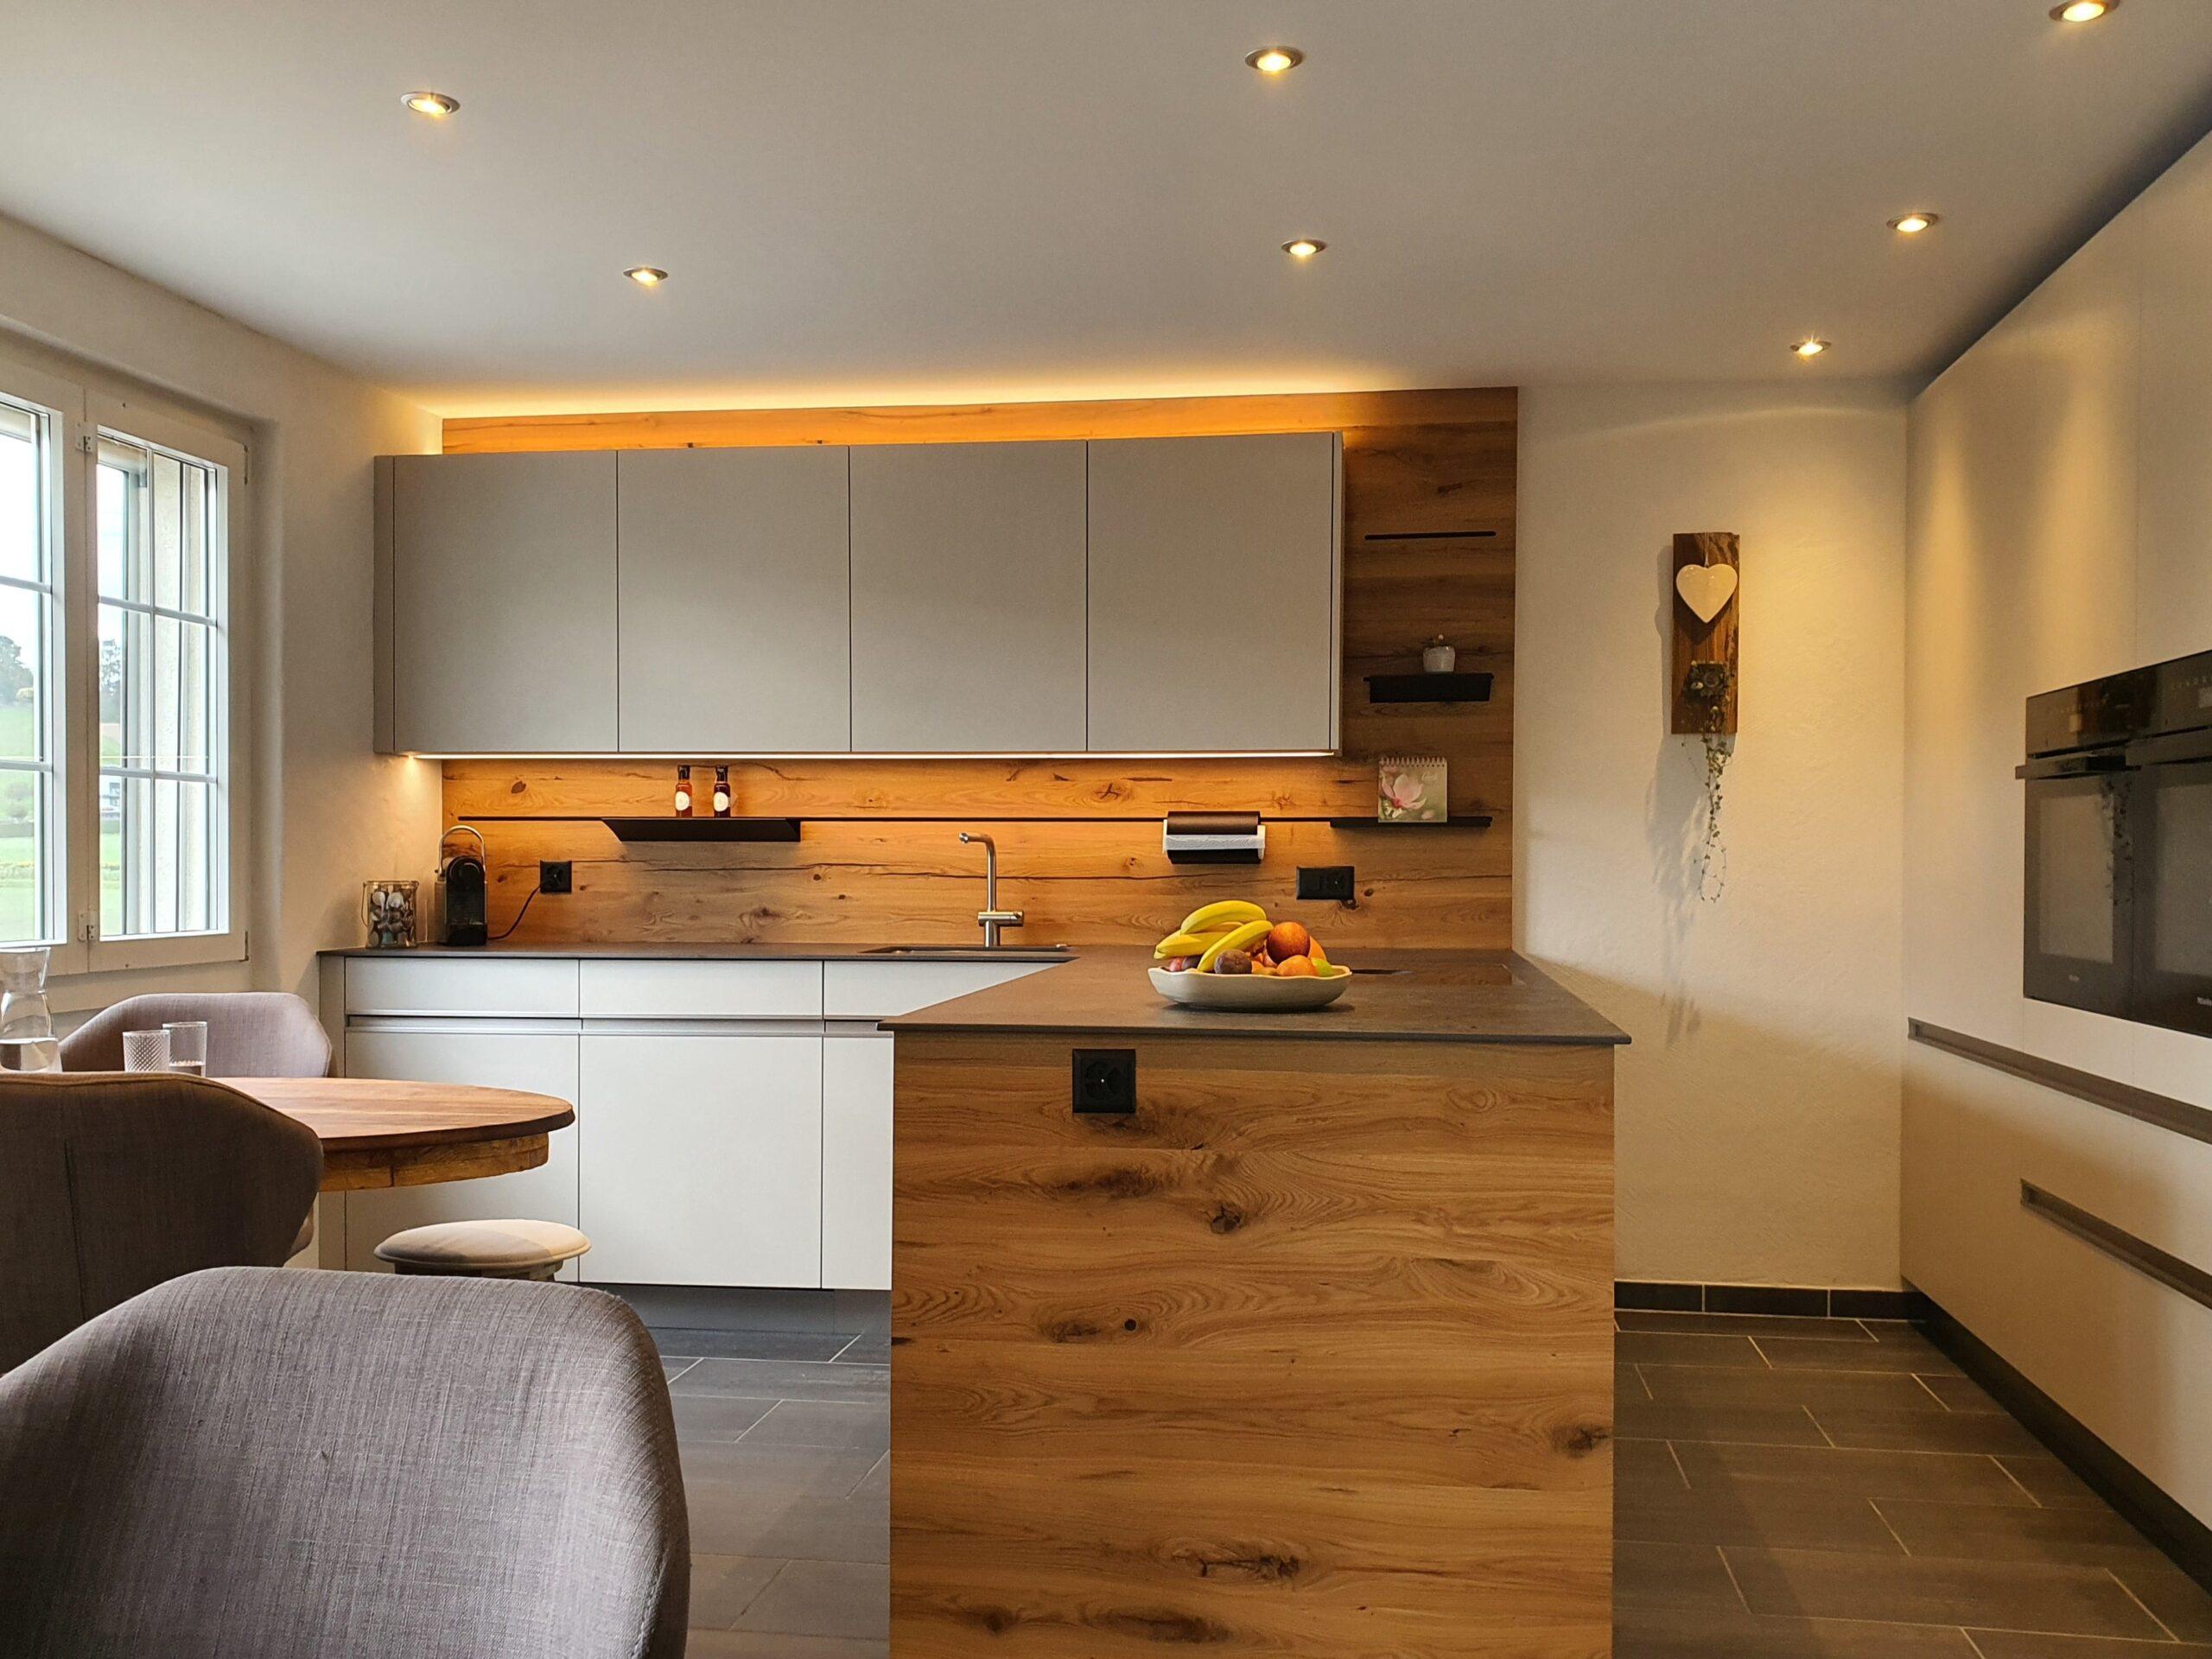 Wooddesign_Holzleuchten_LED-Beleuchtung_Licht_Indirekte Beleuchtung_Direkte Beleuchtung_Holzdesign (6)-min